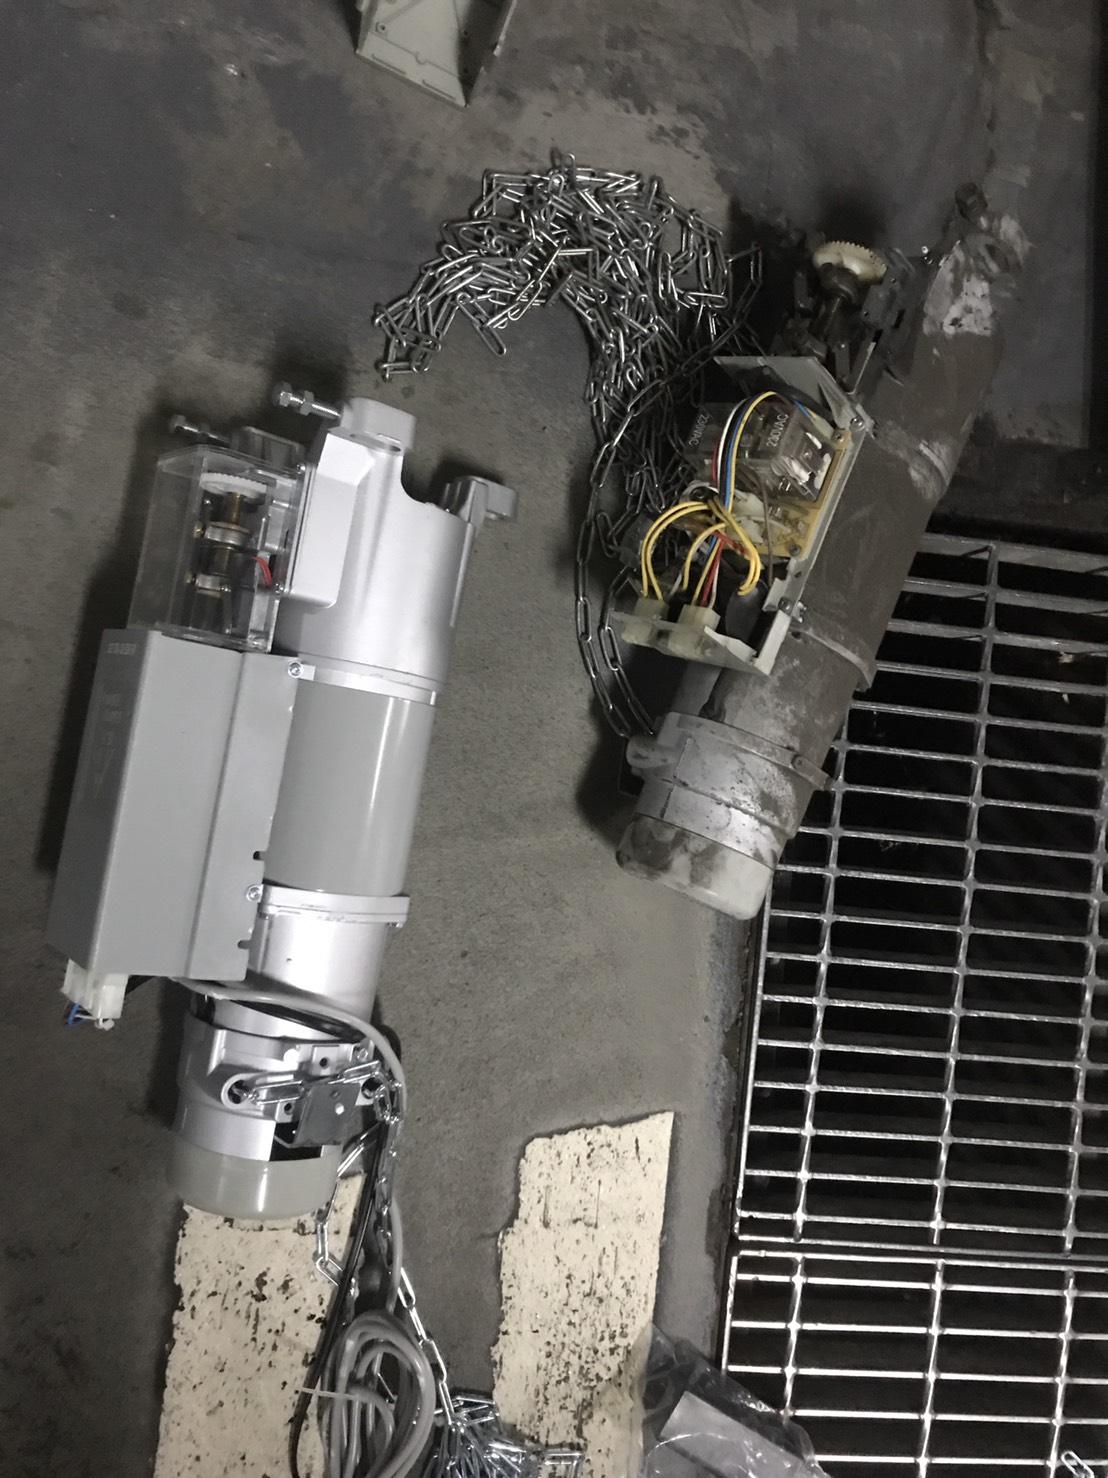 台中24小時鐵捲門修理,鐵捲門維修,快速捲門維修,電動捲門維修,捲門馬達維修